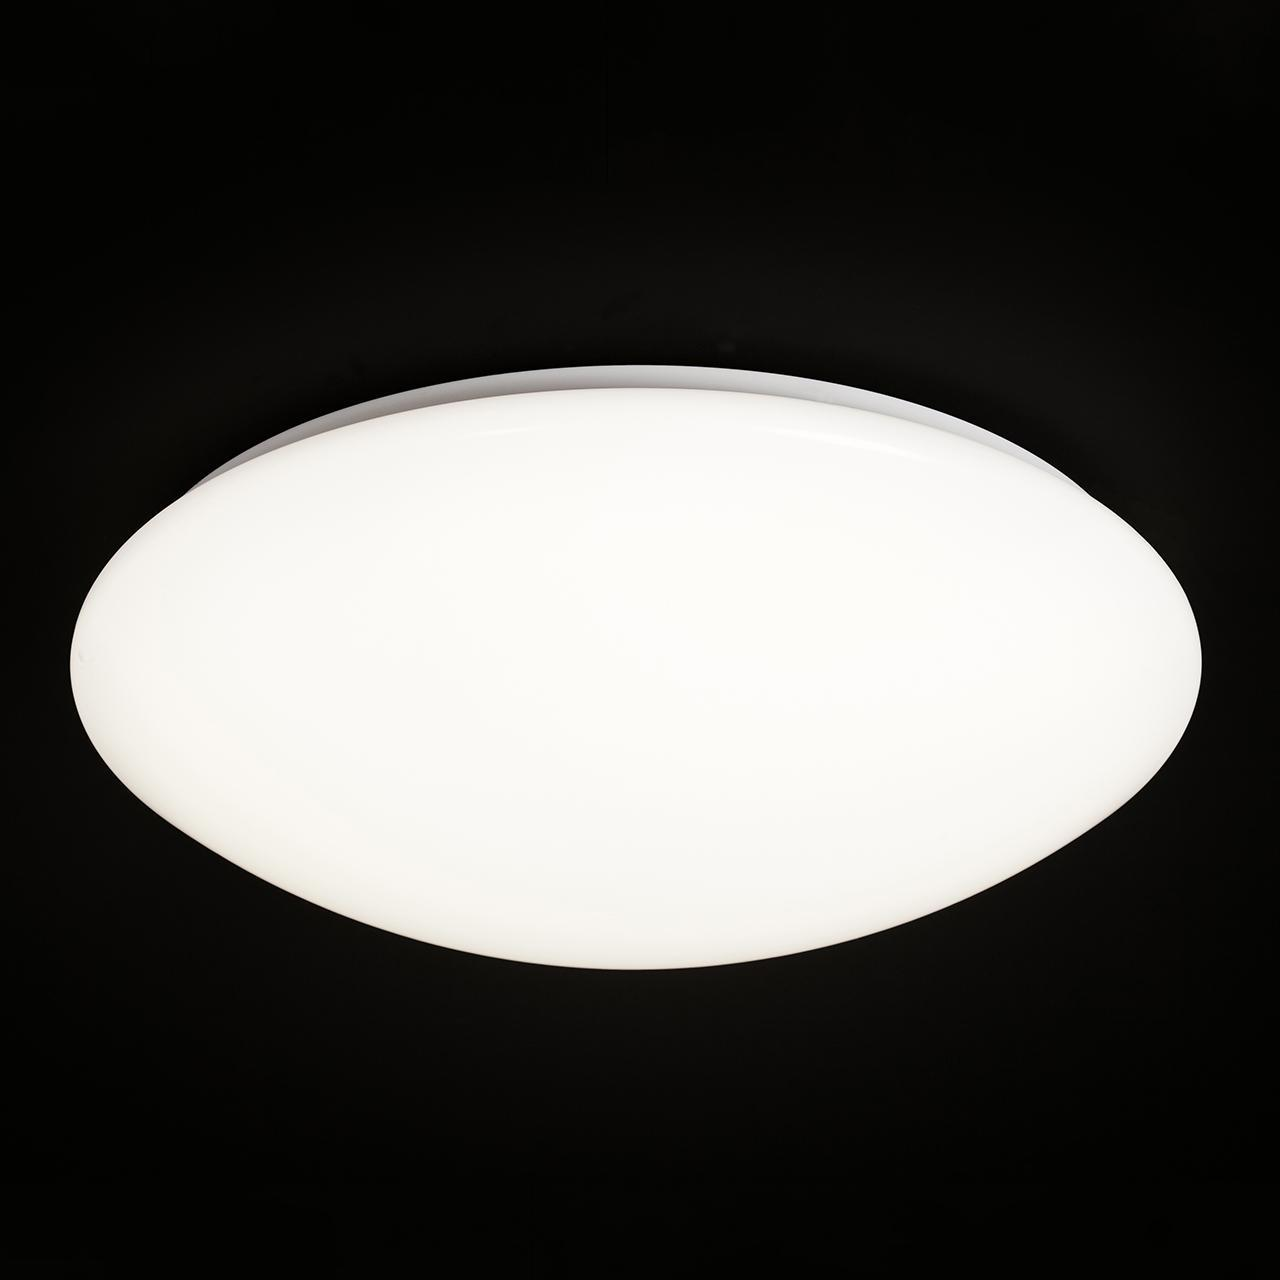 Потолочный светильник Mantra Zero 5411 потолочный светильник mantra zero 5411